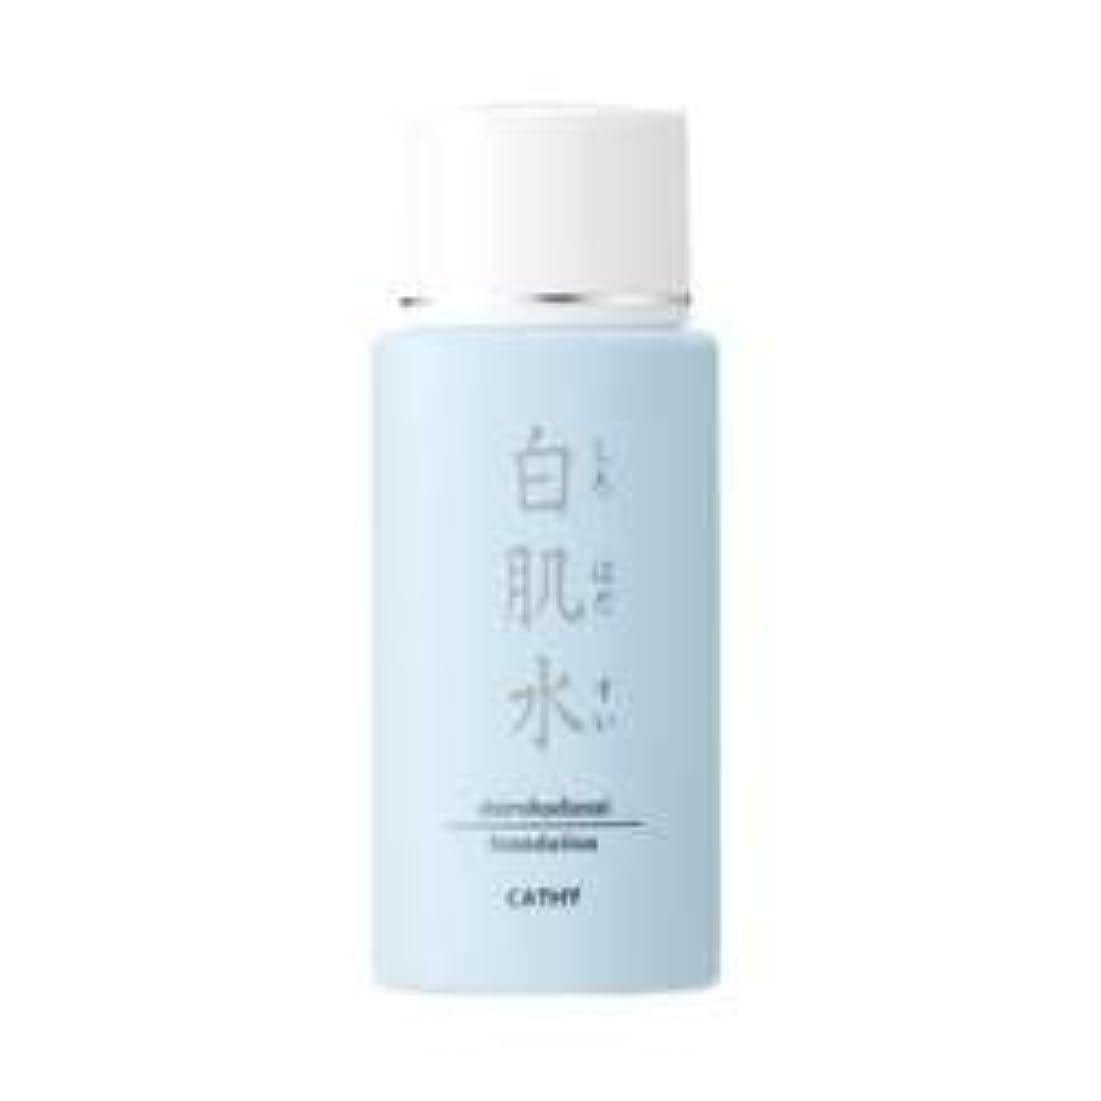 成長差文字カシー 白肌水(55ml)